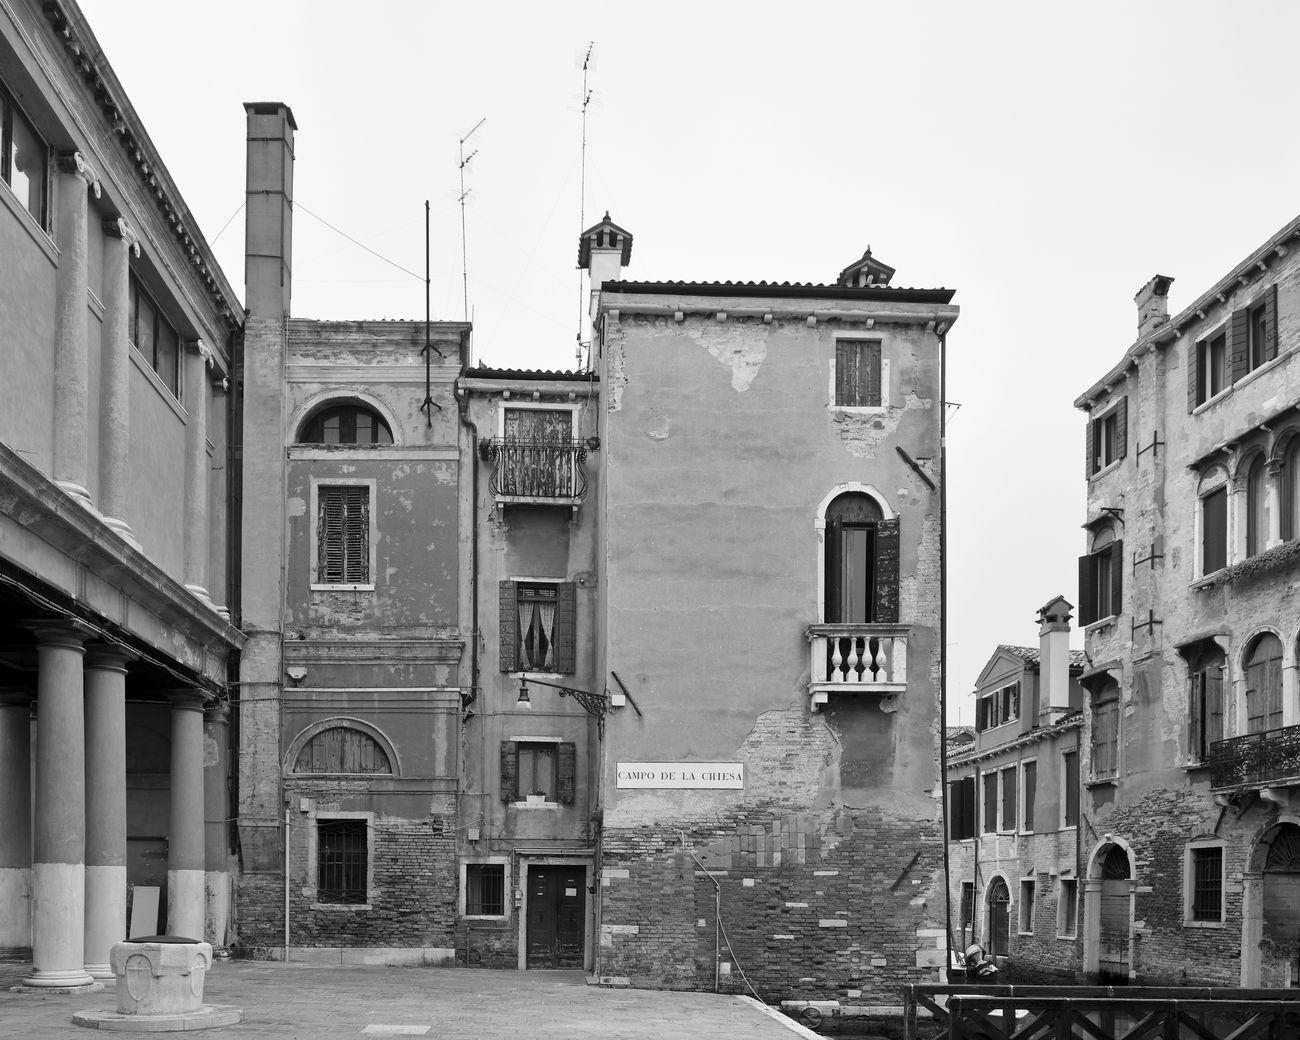 Castello, Campo de la Chiesa, 2020 © Venice Urban Photo Project Mario Peliti